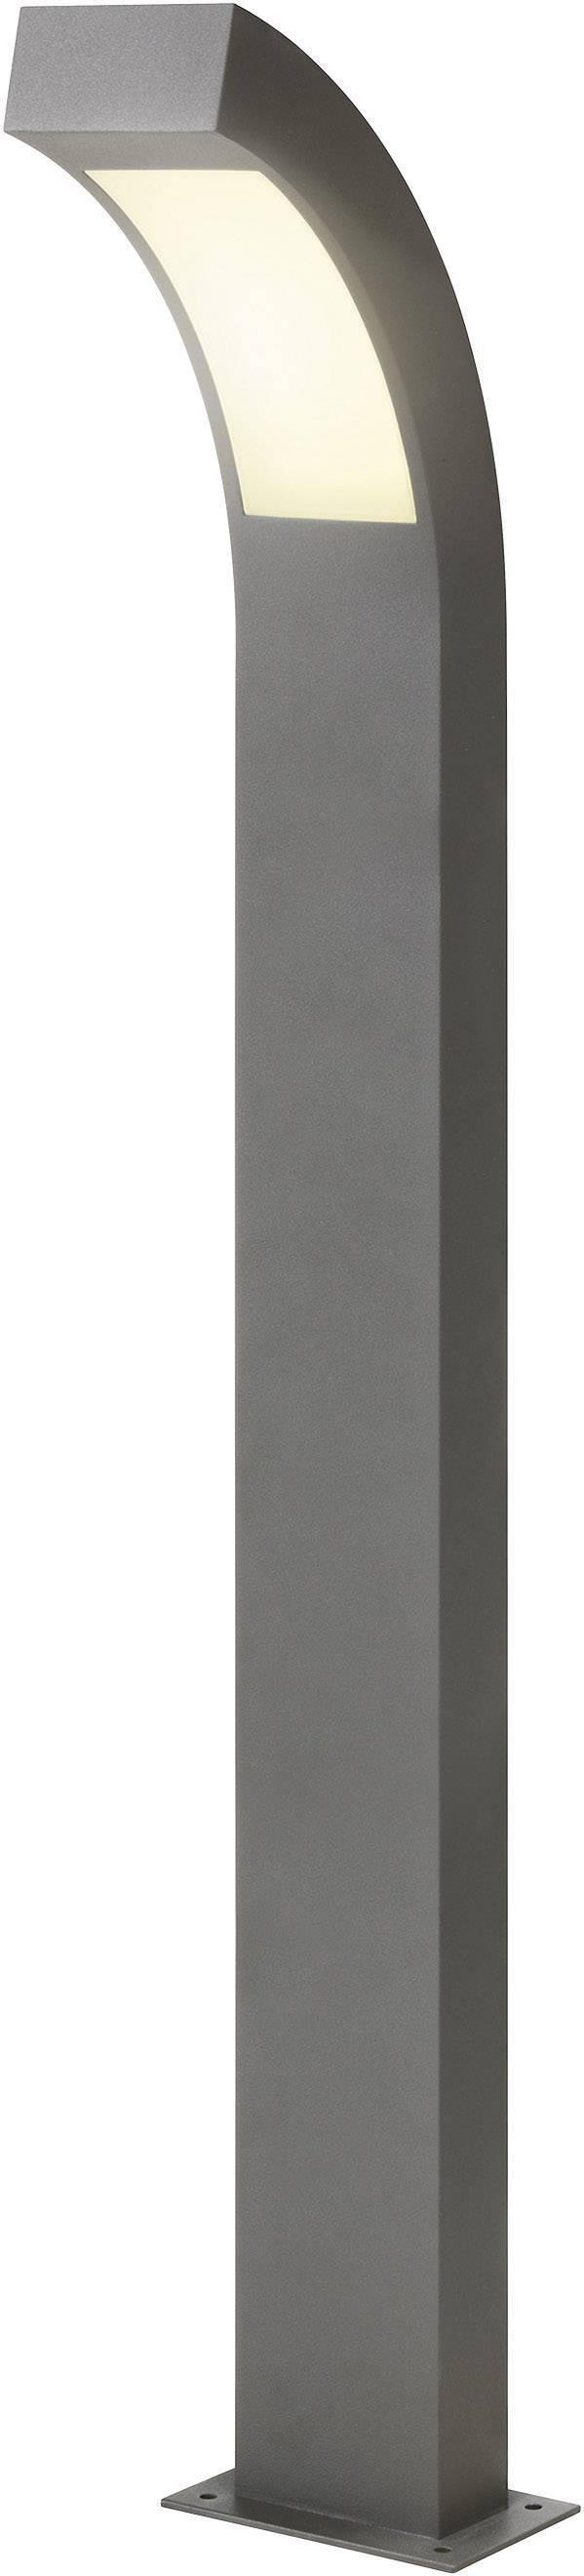 LEDvonkajšiastojaca lampa Esotec HighLine 105195, 4.5 W, neutrálne biela, 100 cm, antracitová